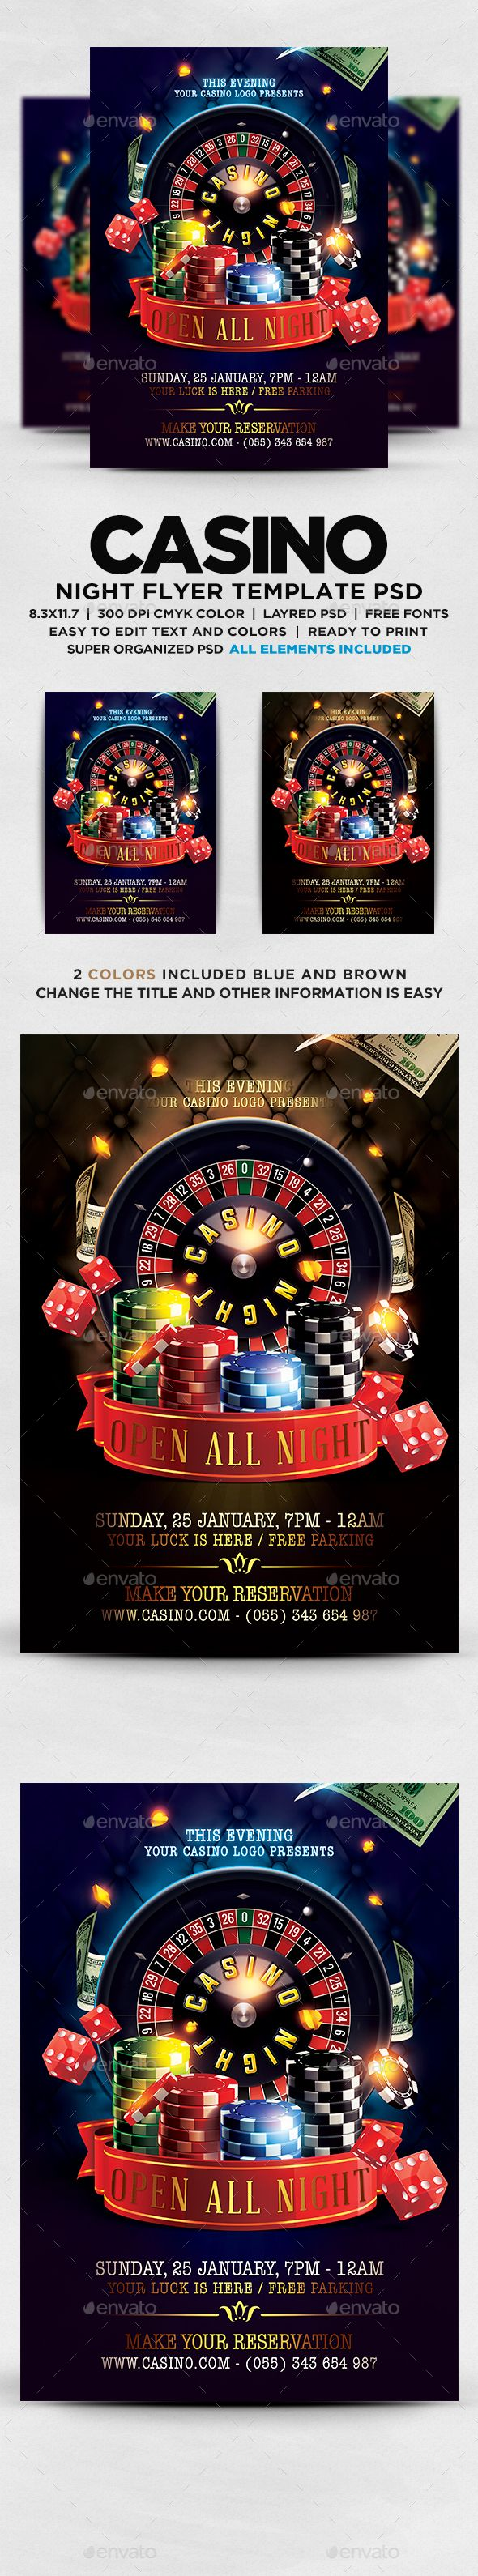 Casino Flyer Template PSD